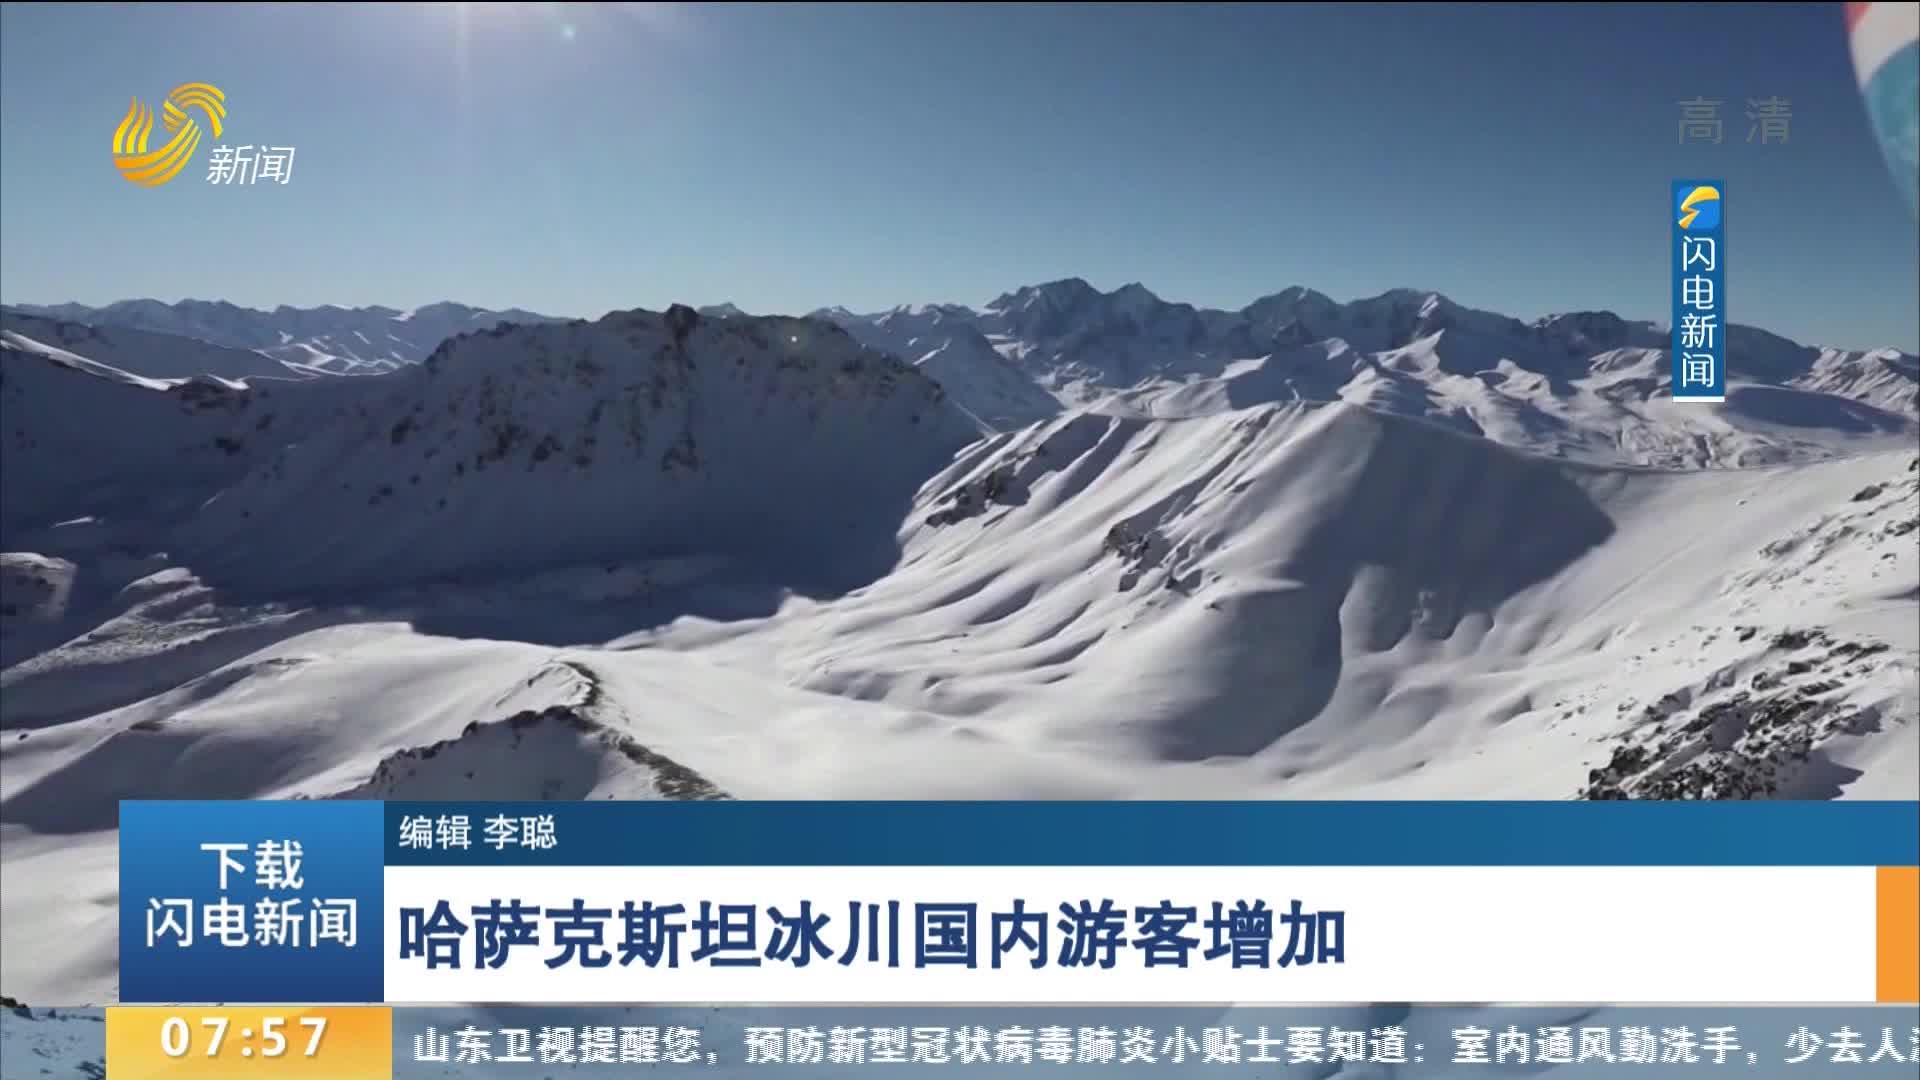 哈萨克斯坦冰川国内游客增加